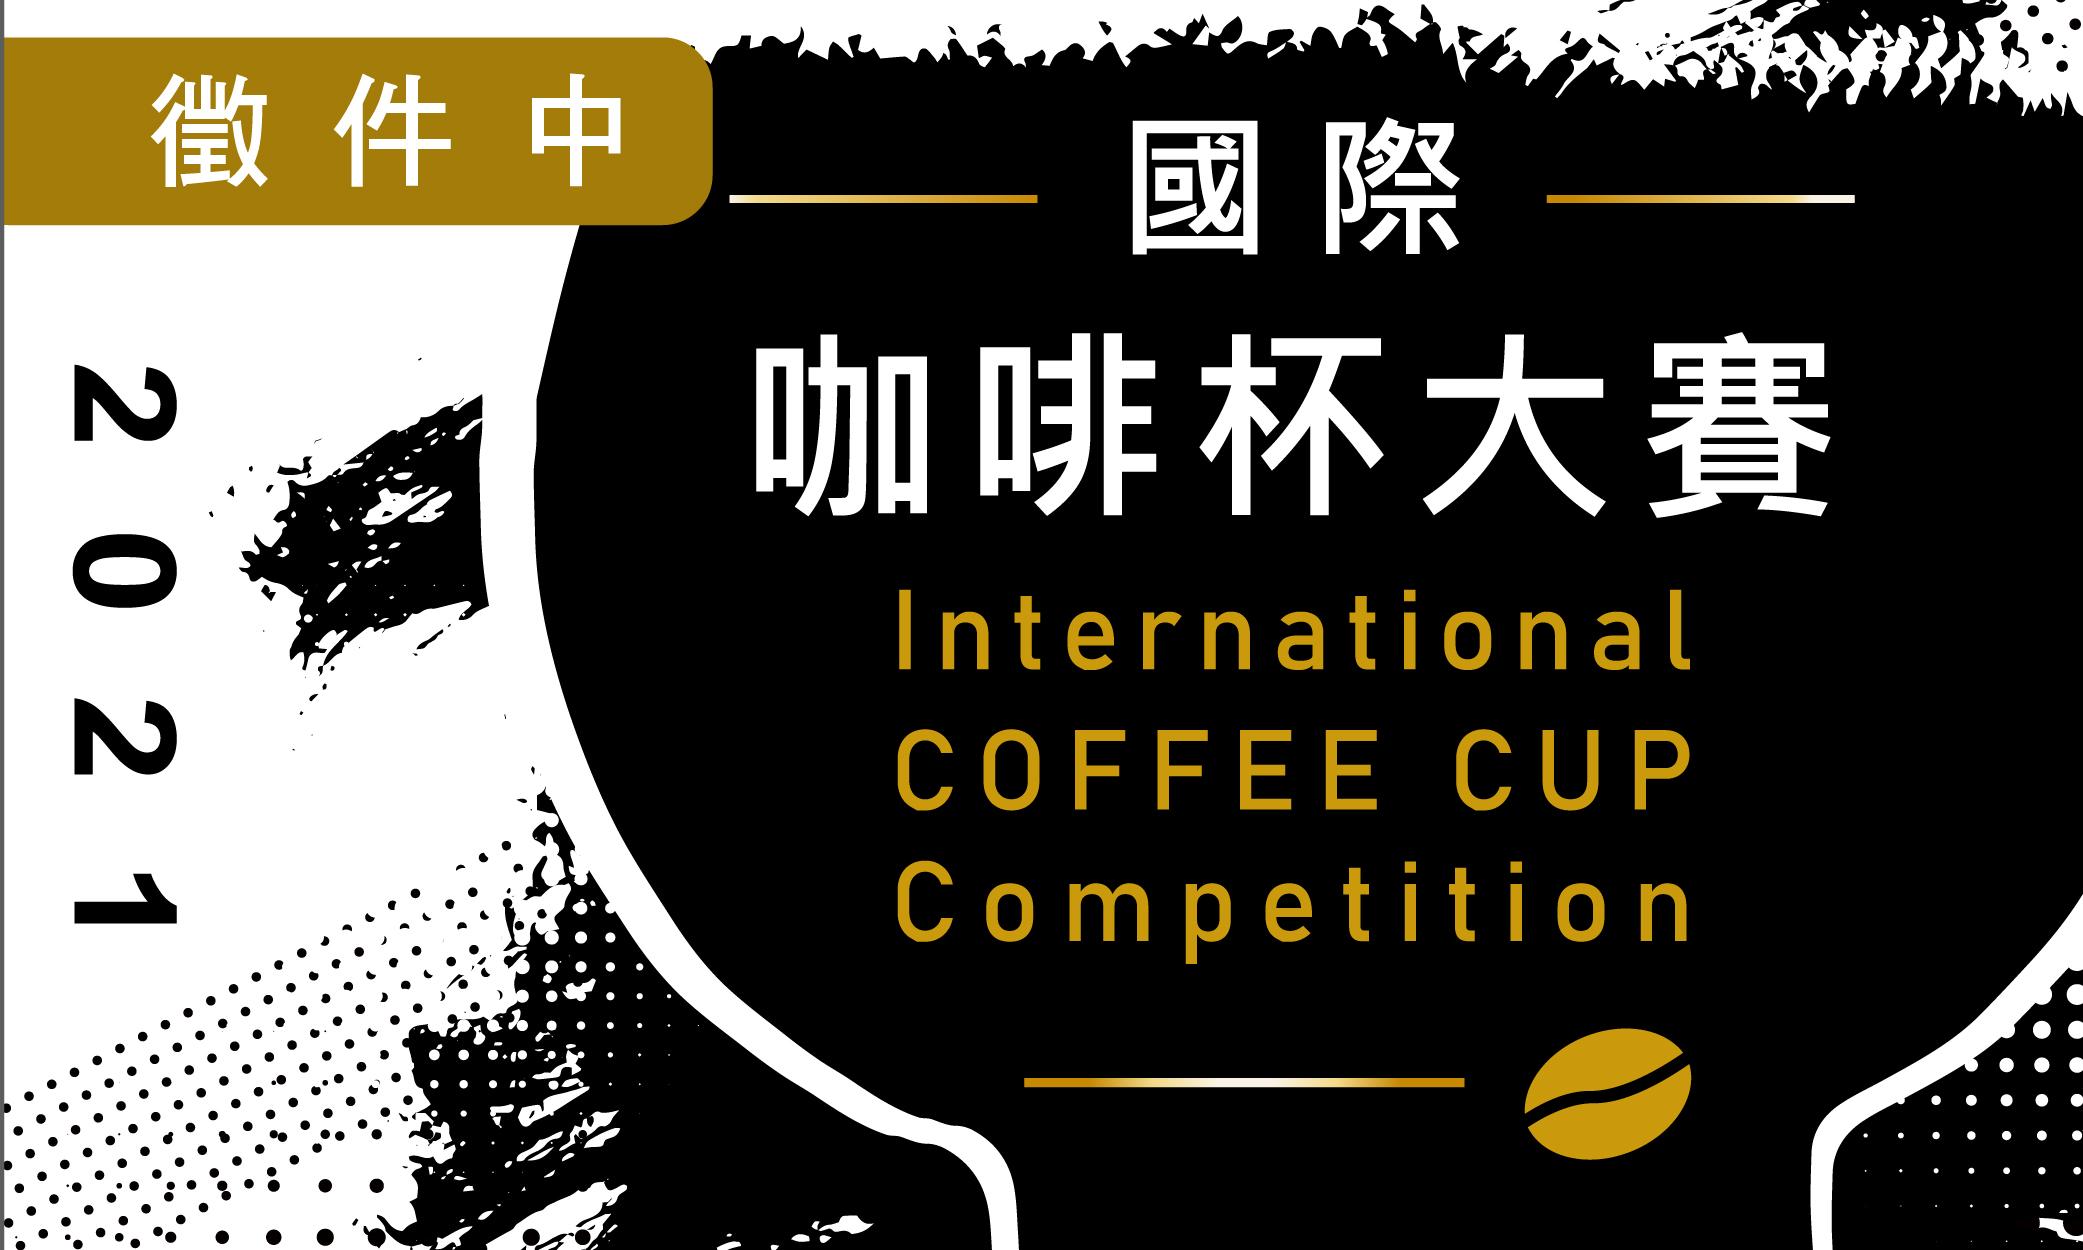 【2021國際咖啡杯大賽|即日起至6/30止報名】